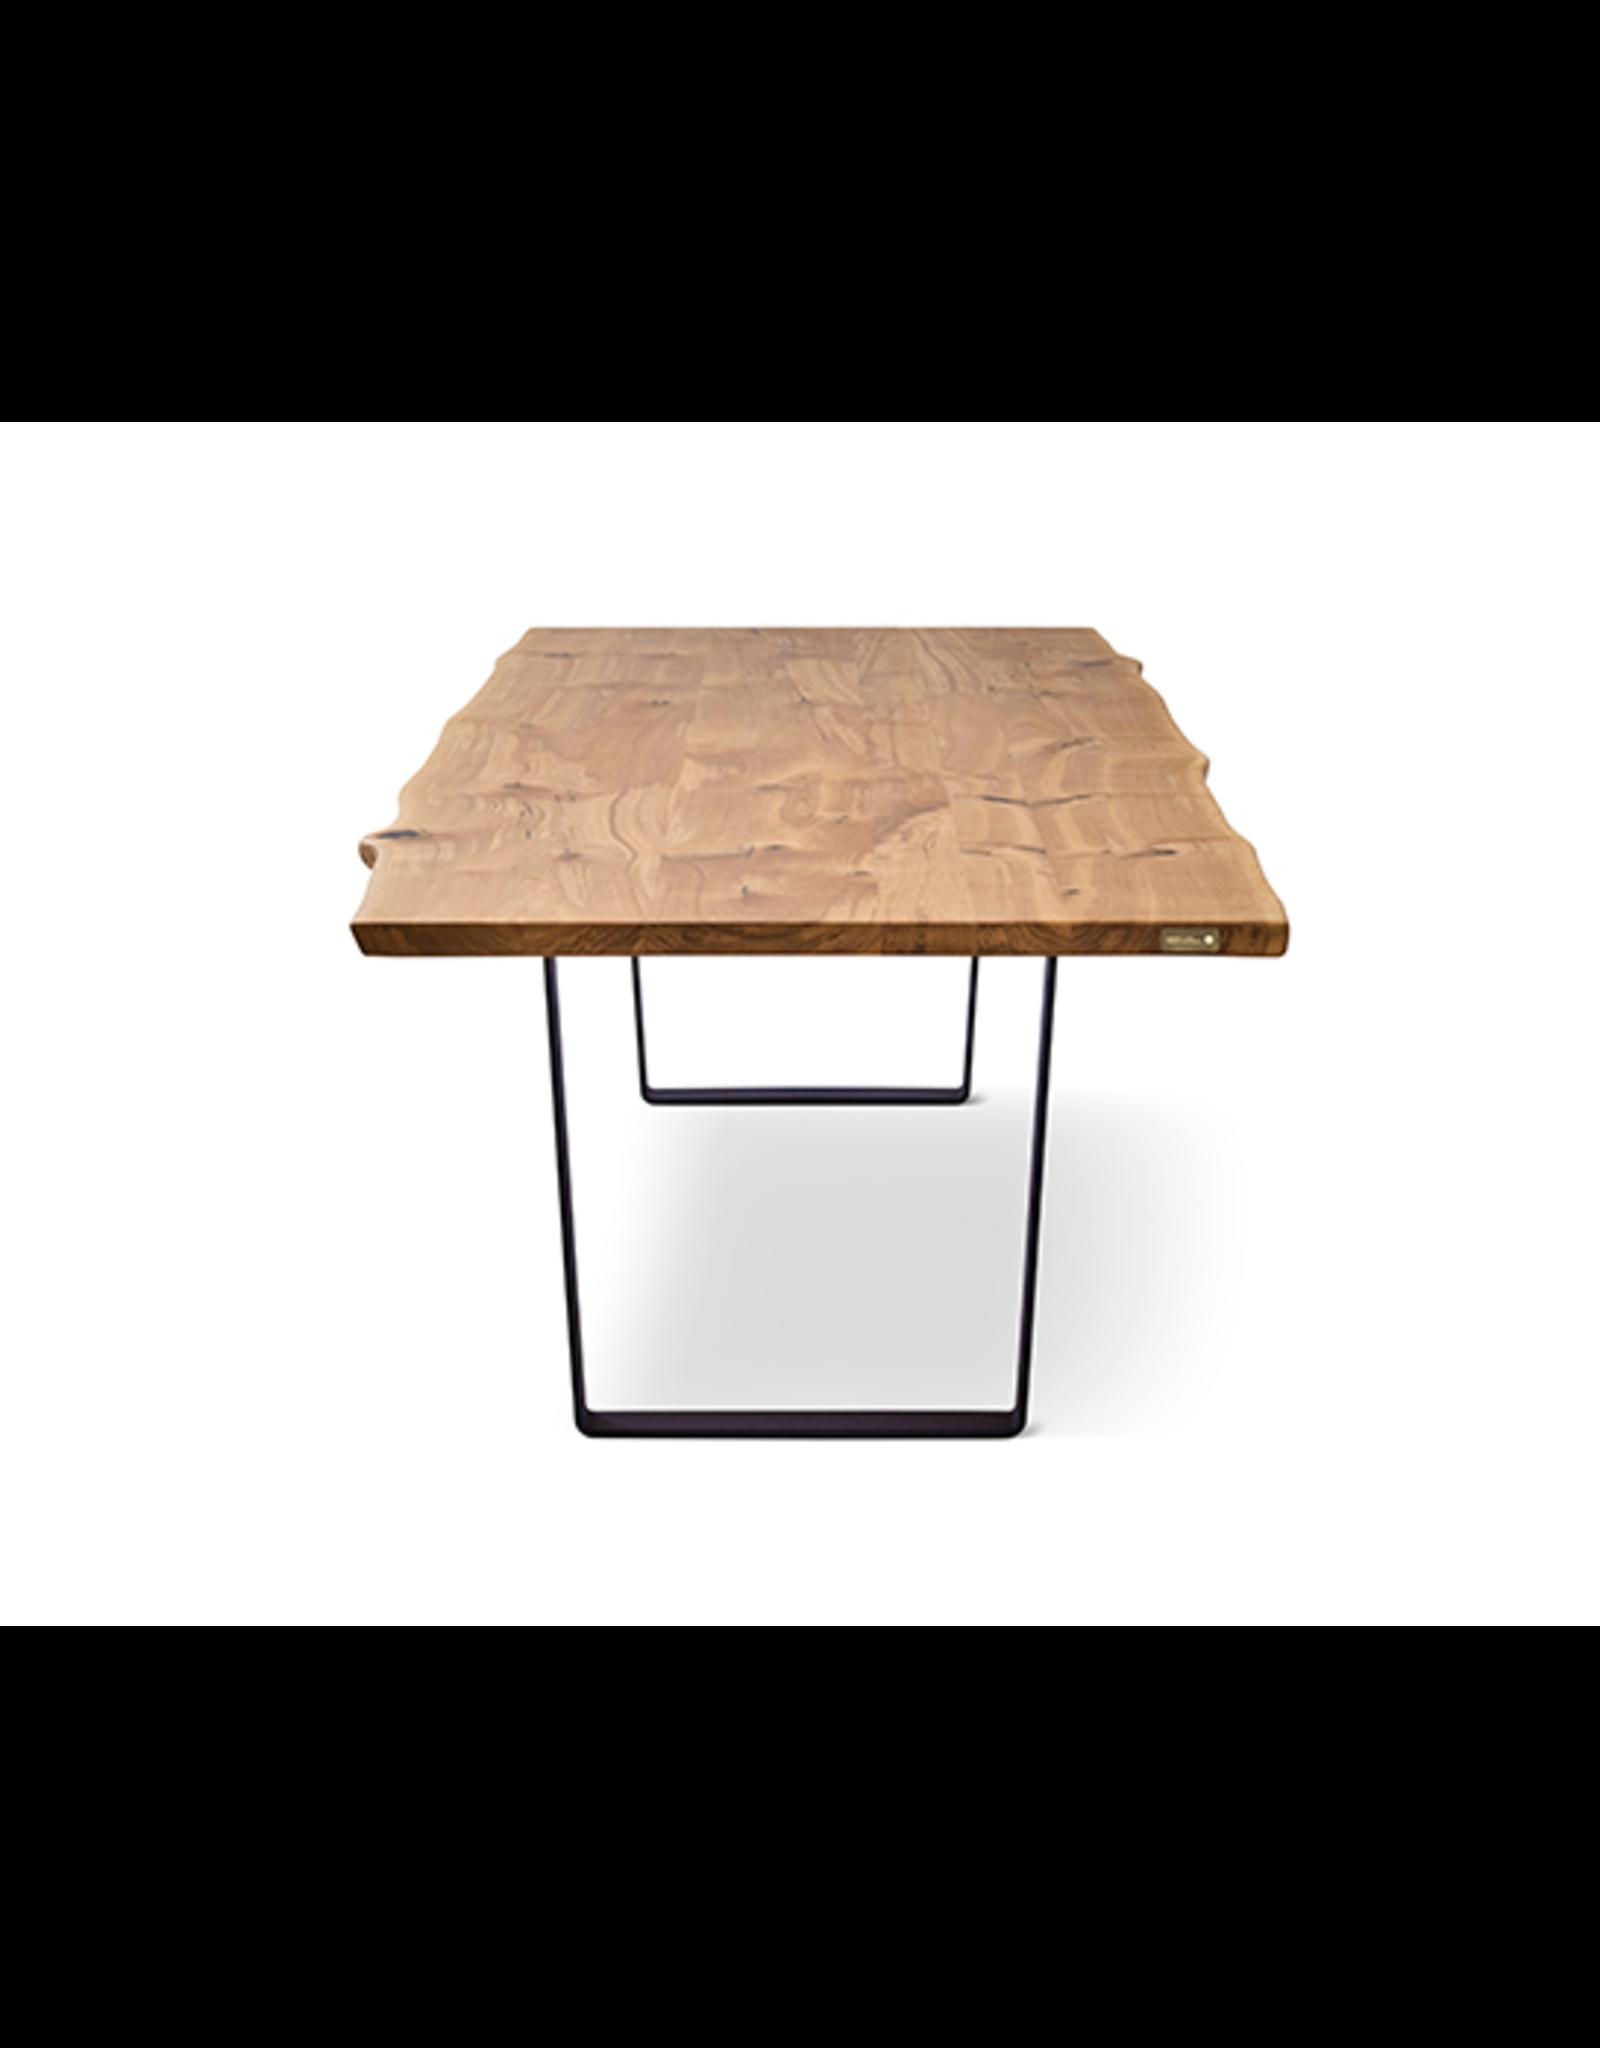 HIGHLIGHT TABLE